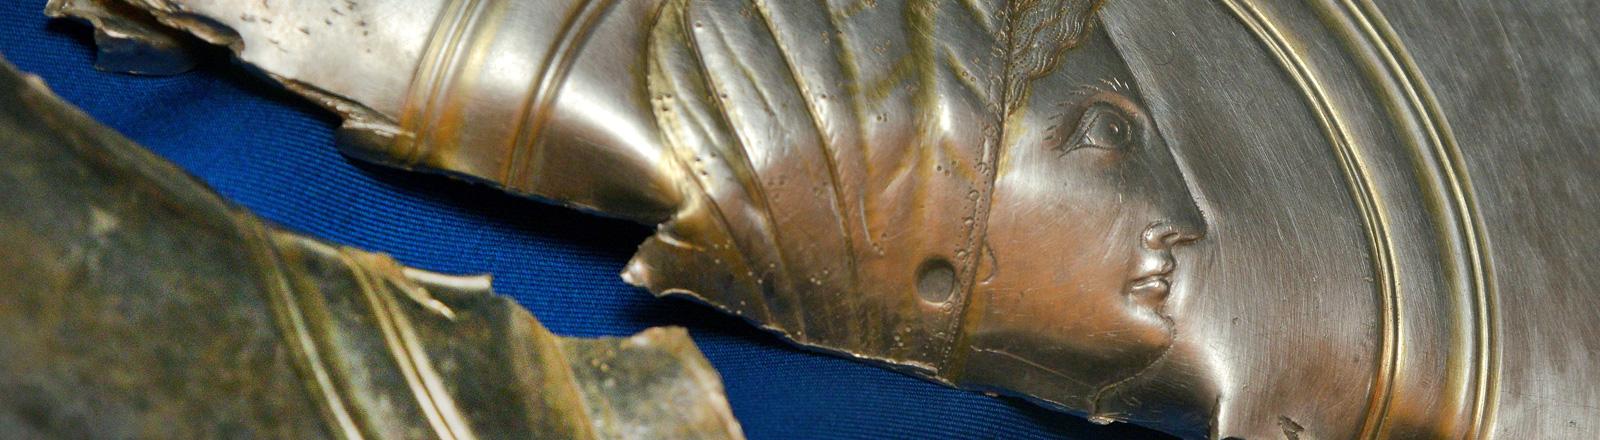 Ein Silberteller aus der Spätantike, der in der Mitte kaputt ist; Foto: dpa